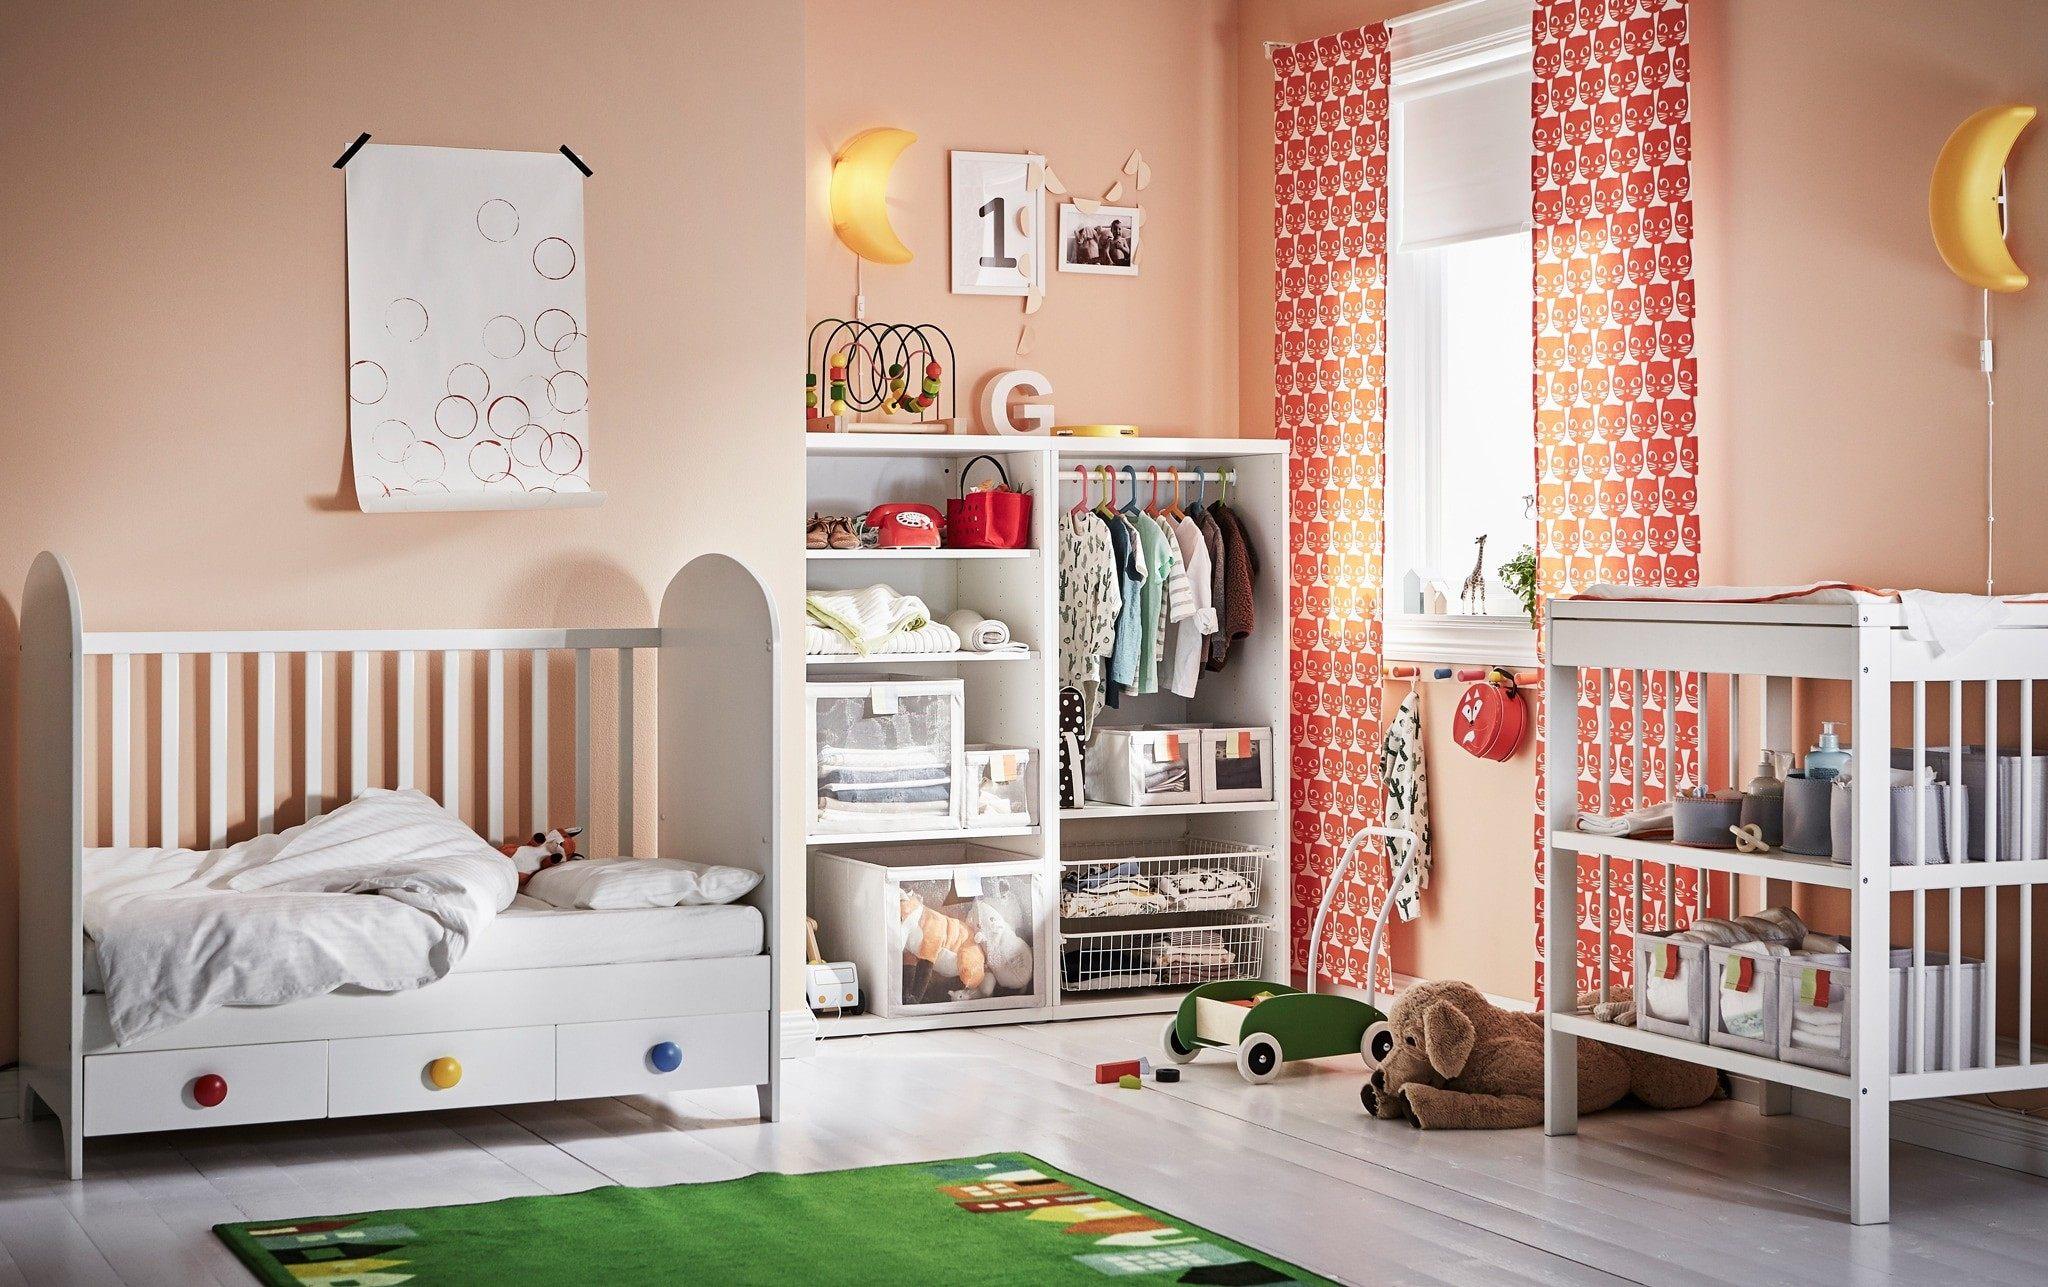 Lit Bébé Bio Beau Meilleur Lit Bébé Bébé Confort Baignoire New Armoire Chambre Bébé